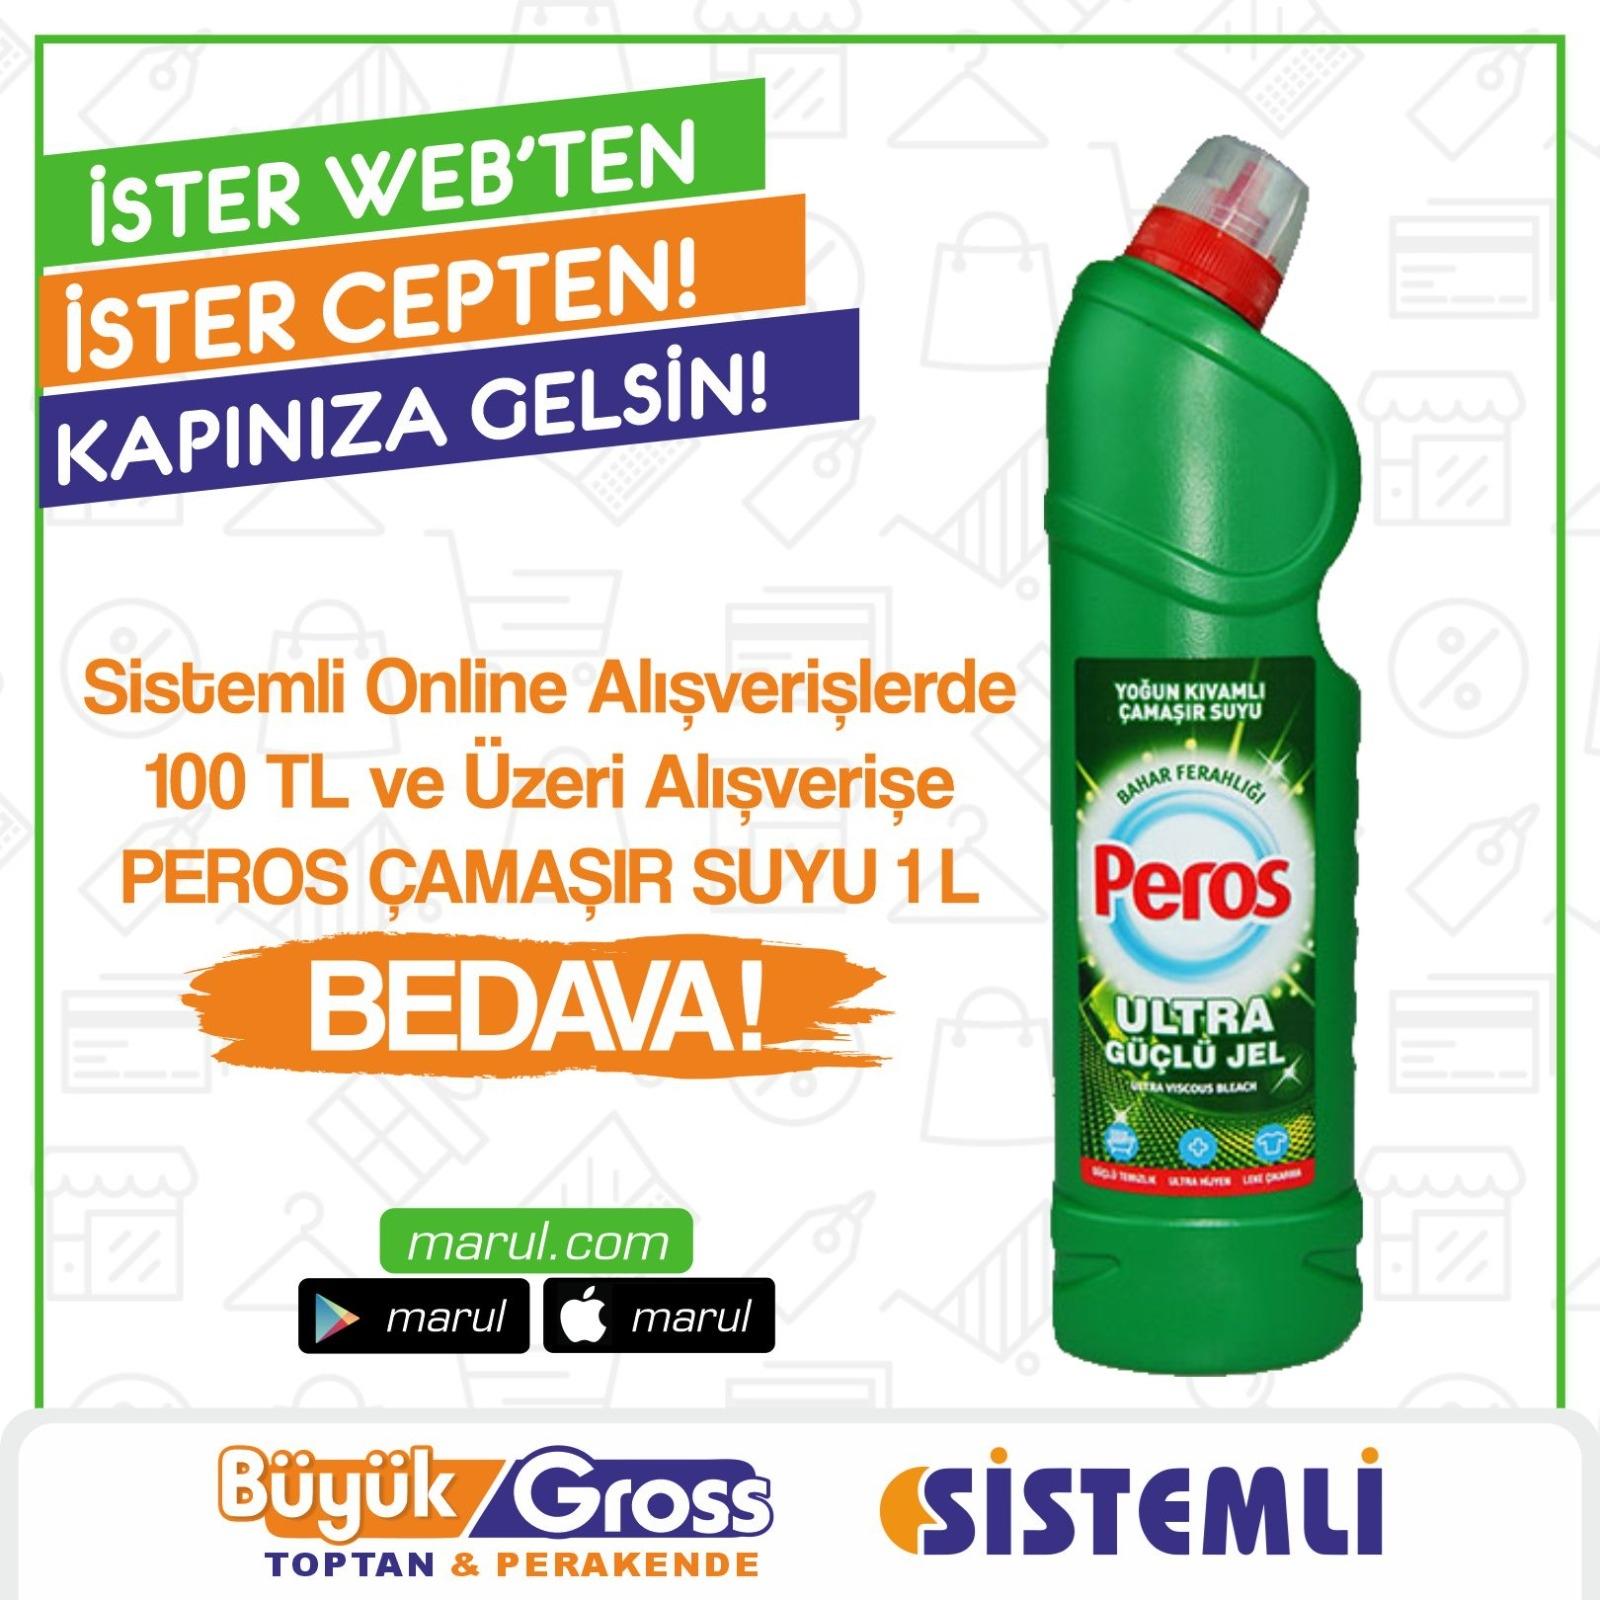 100 Tl Üzeri alışverişlerde peros 1 litre çamaşır suyu hediye